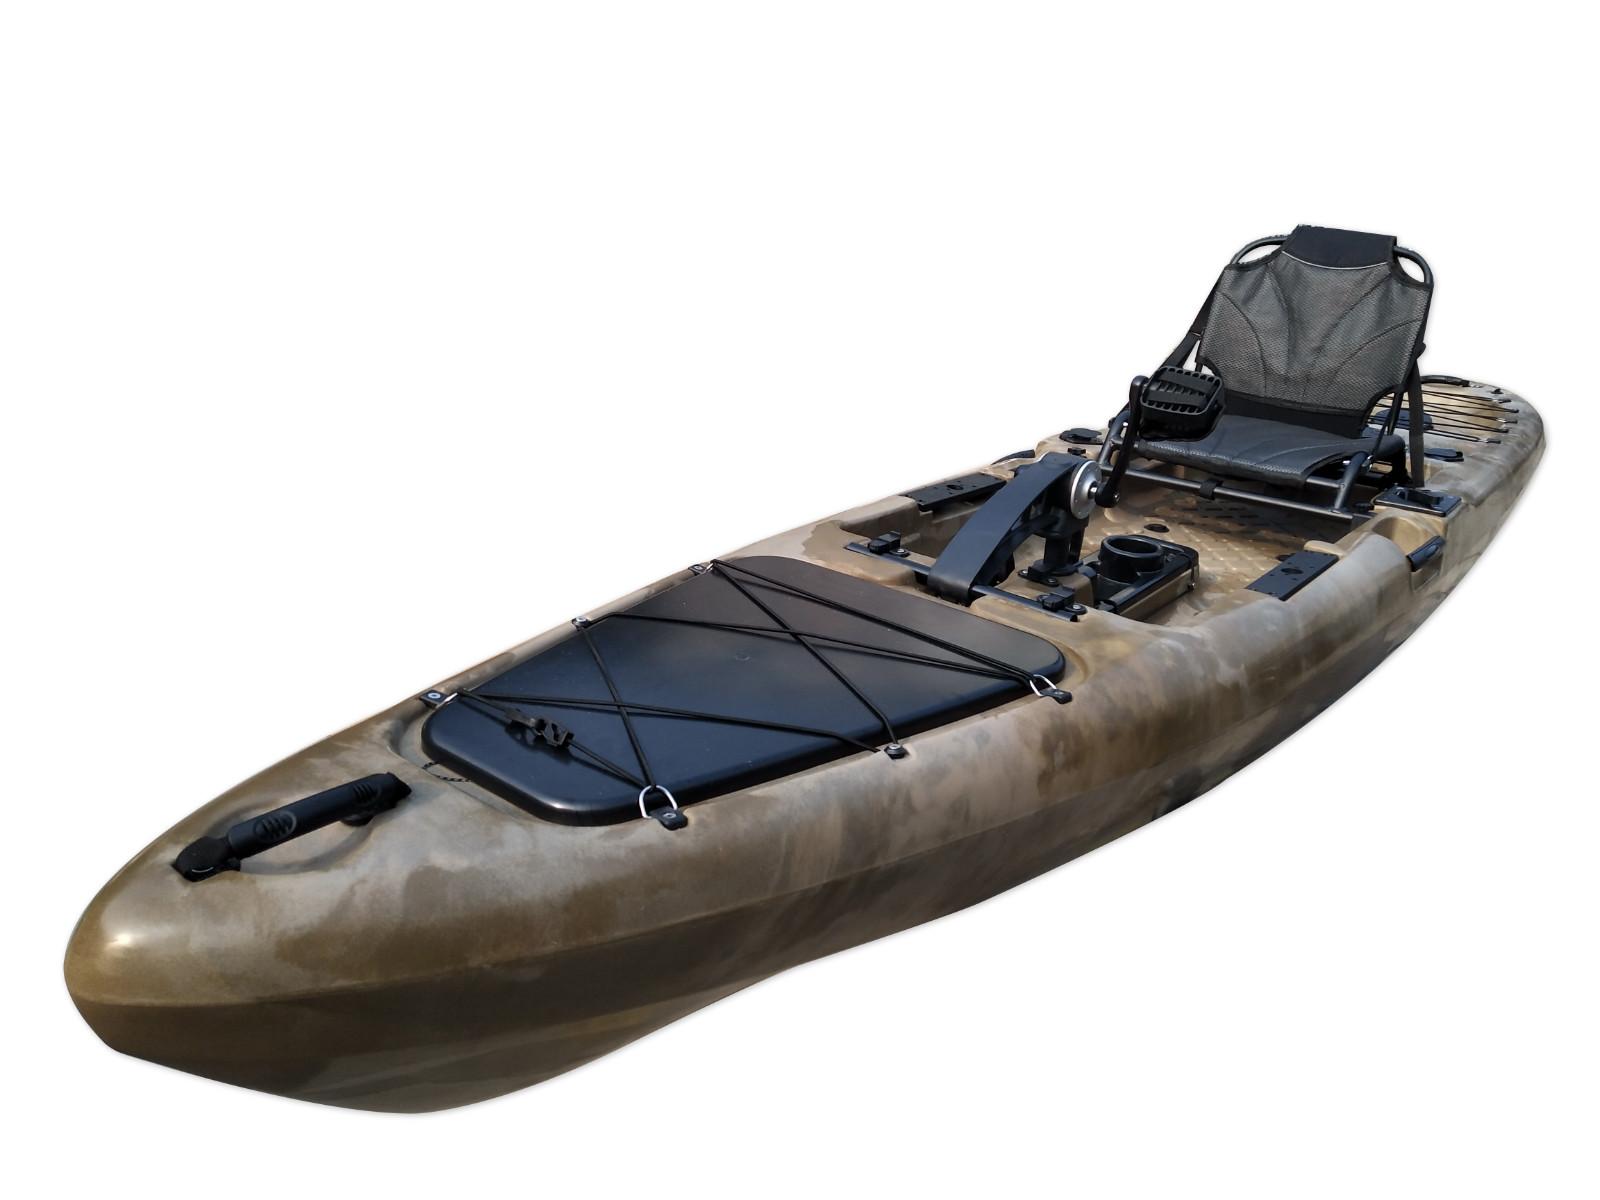 浙江皮划艇厂家 皮划艇销售 洛赛菲皮划艇